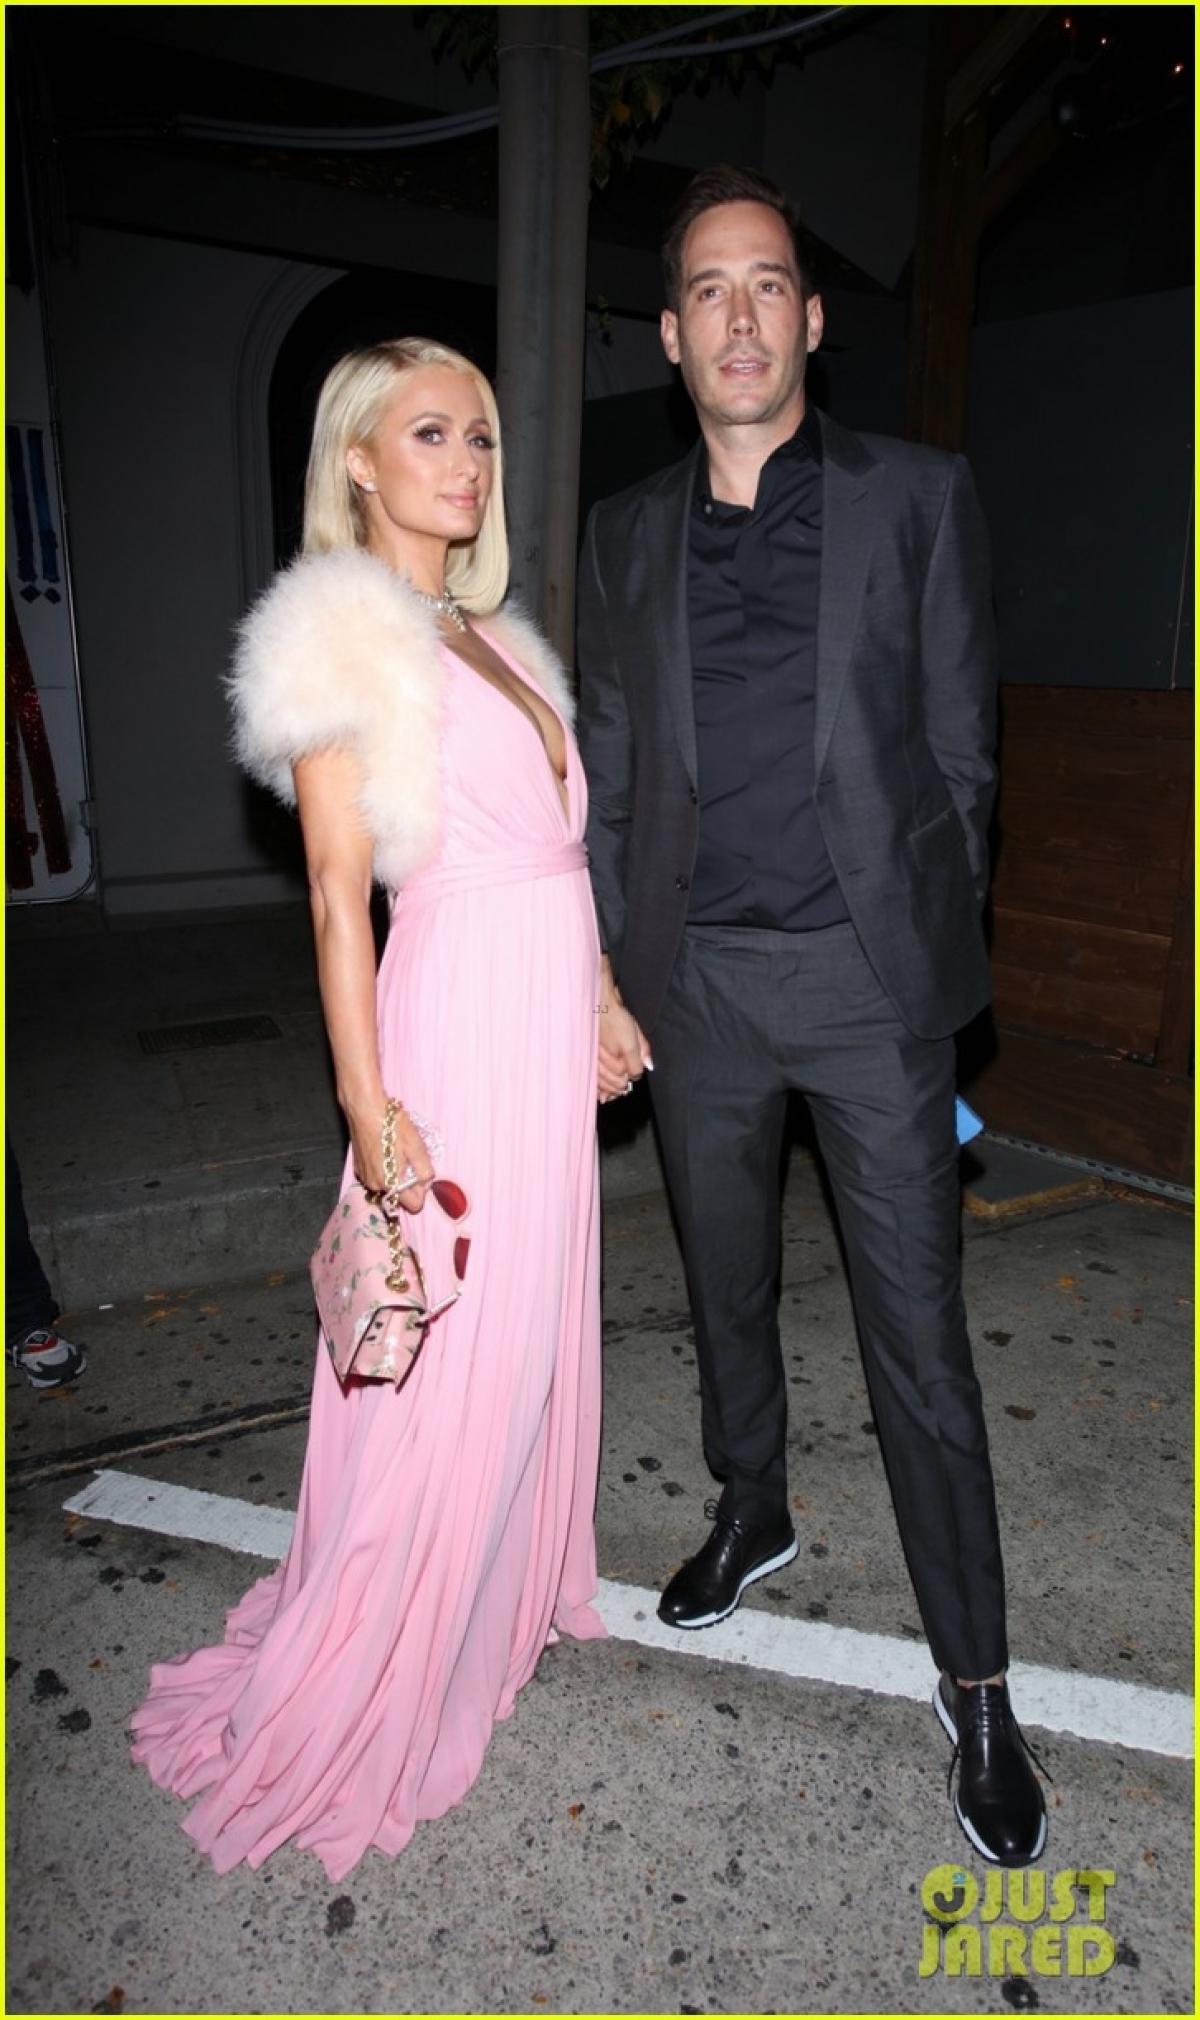 Mới đây, Paris Hilton và hôn phu Carter Reum sánh đôi tình tứ đi dự tiệc tại nhà hàng Craig's ở California.